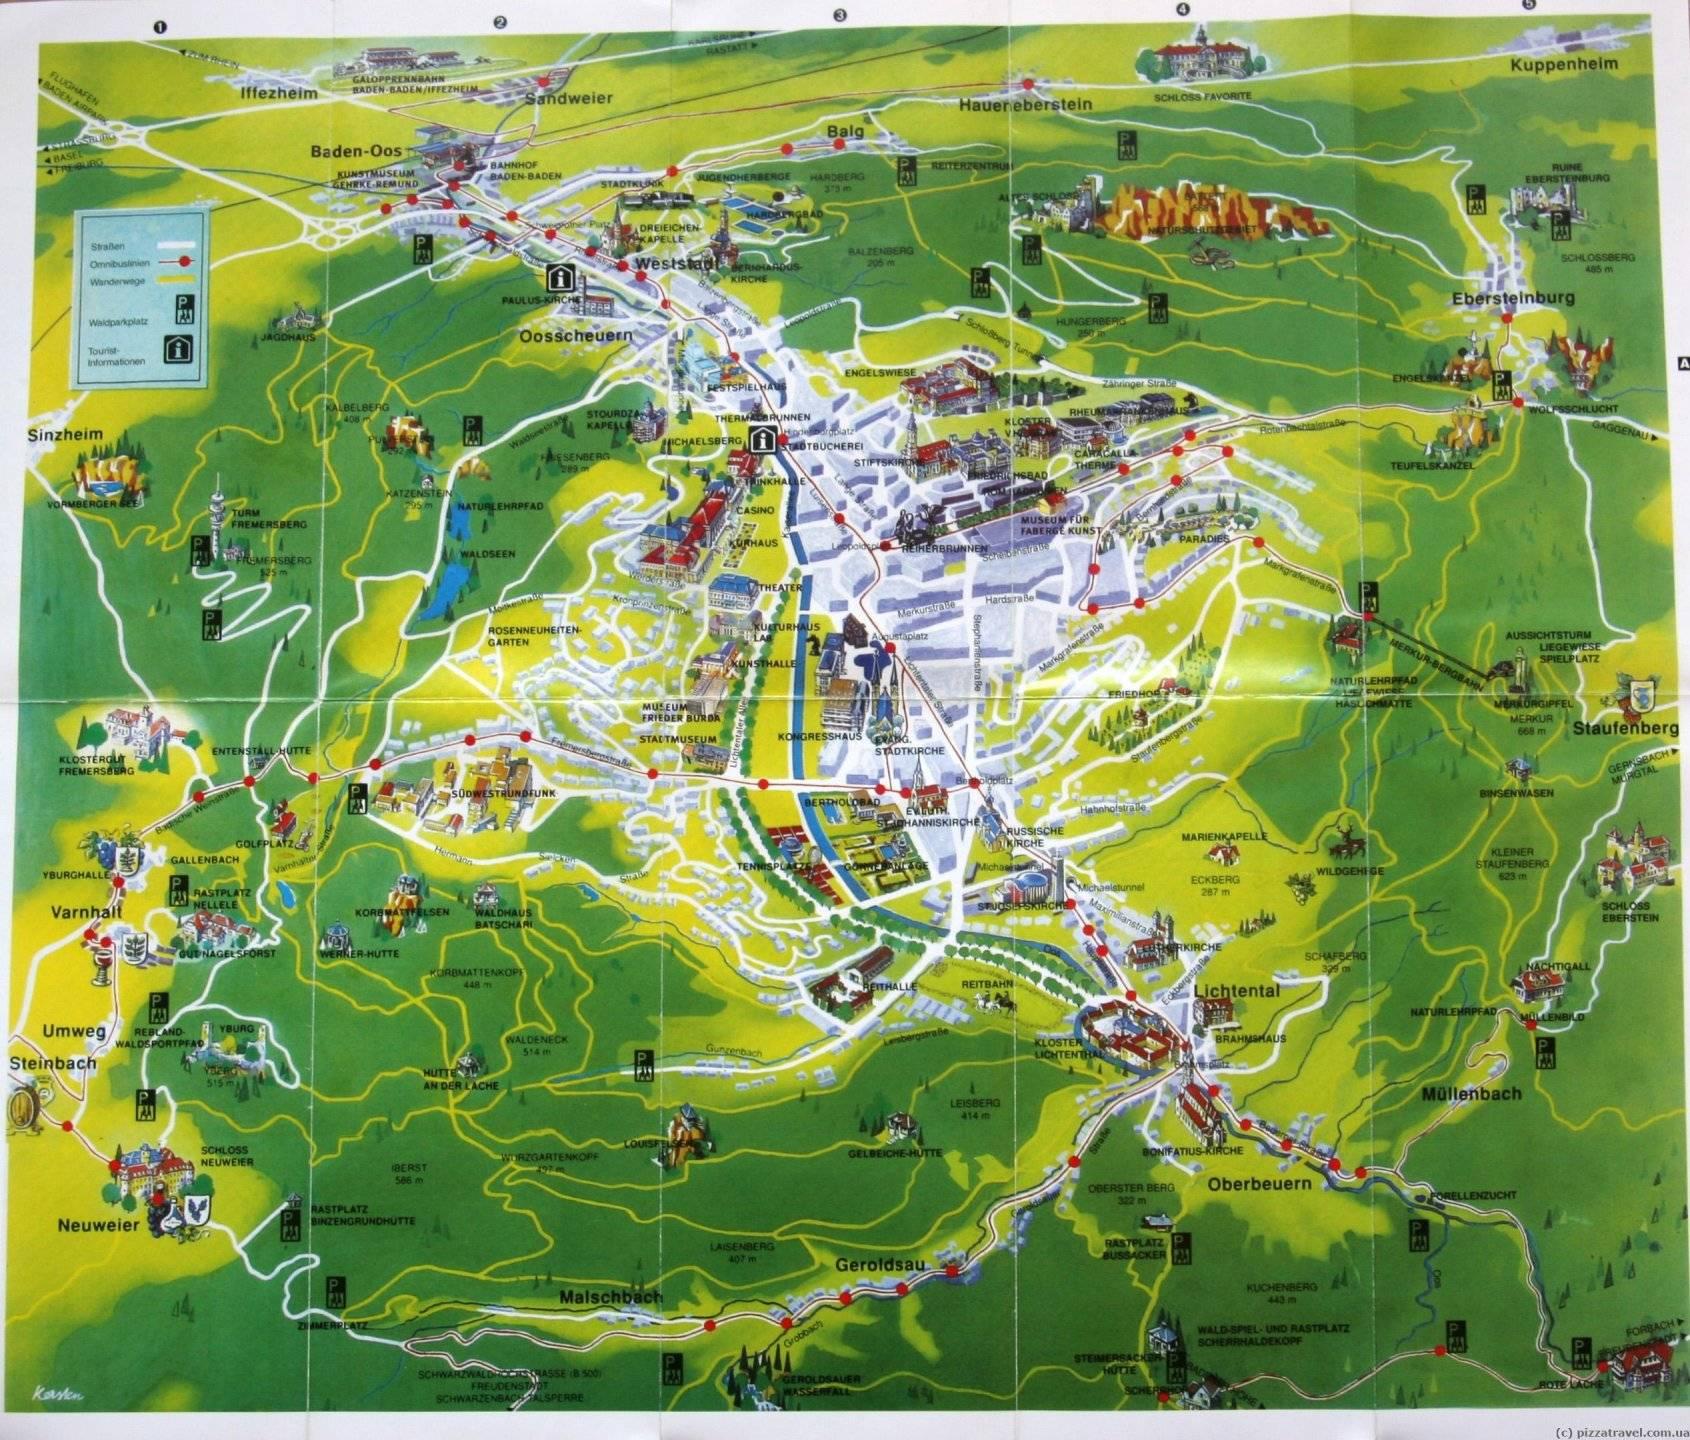 Что посмотреть в баден-бадене и его окрестностях